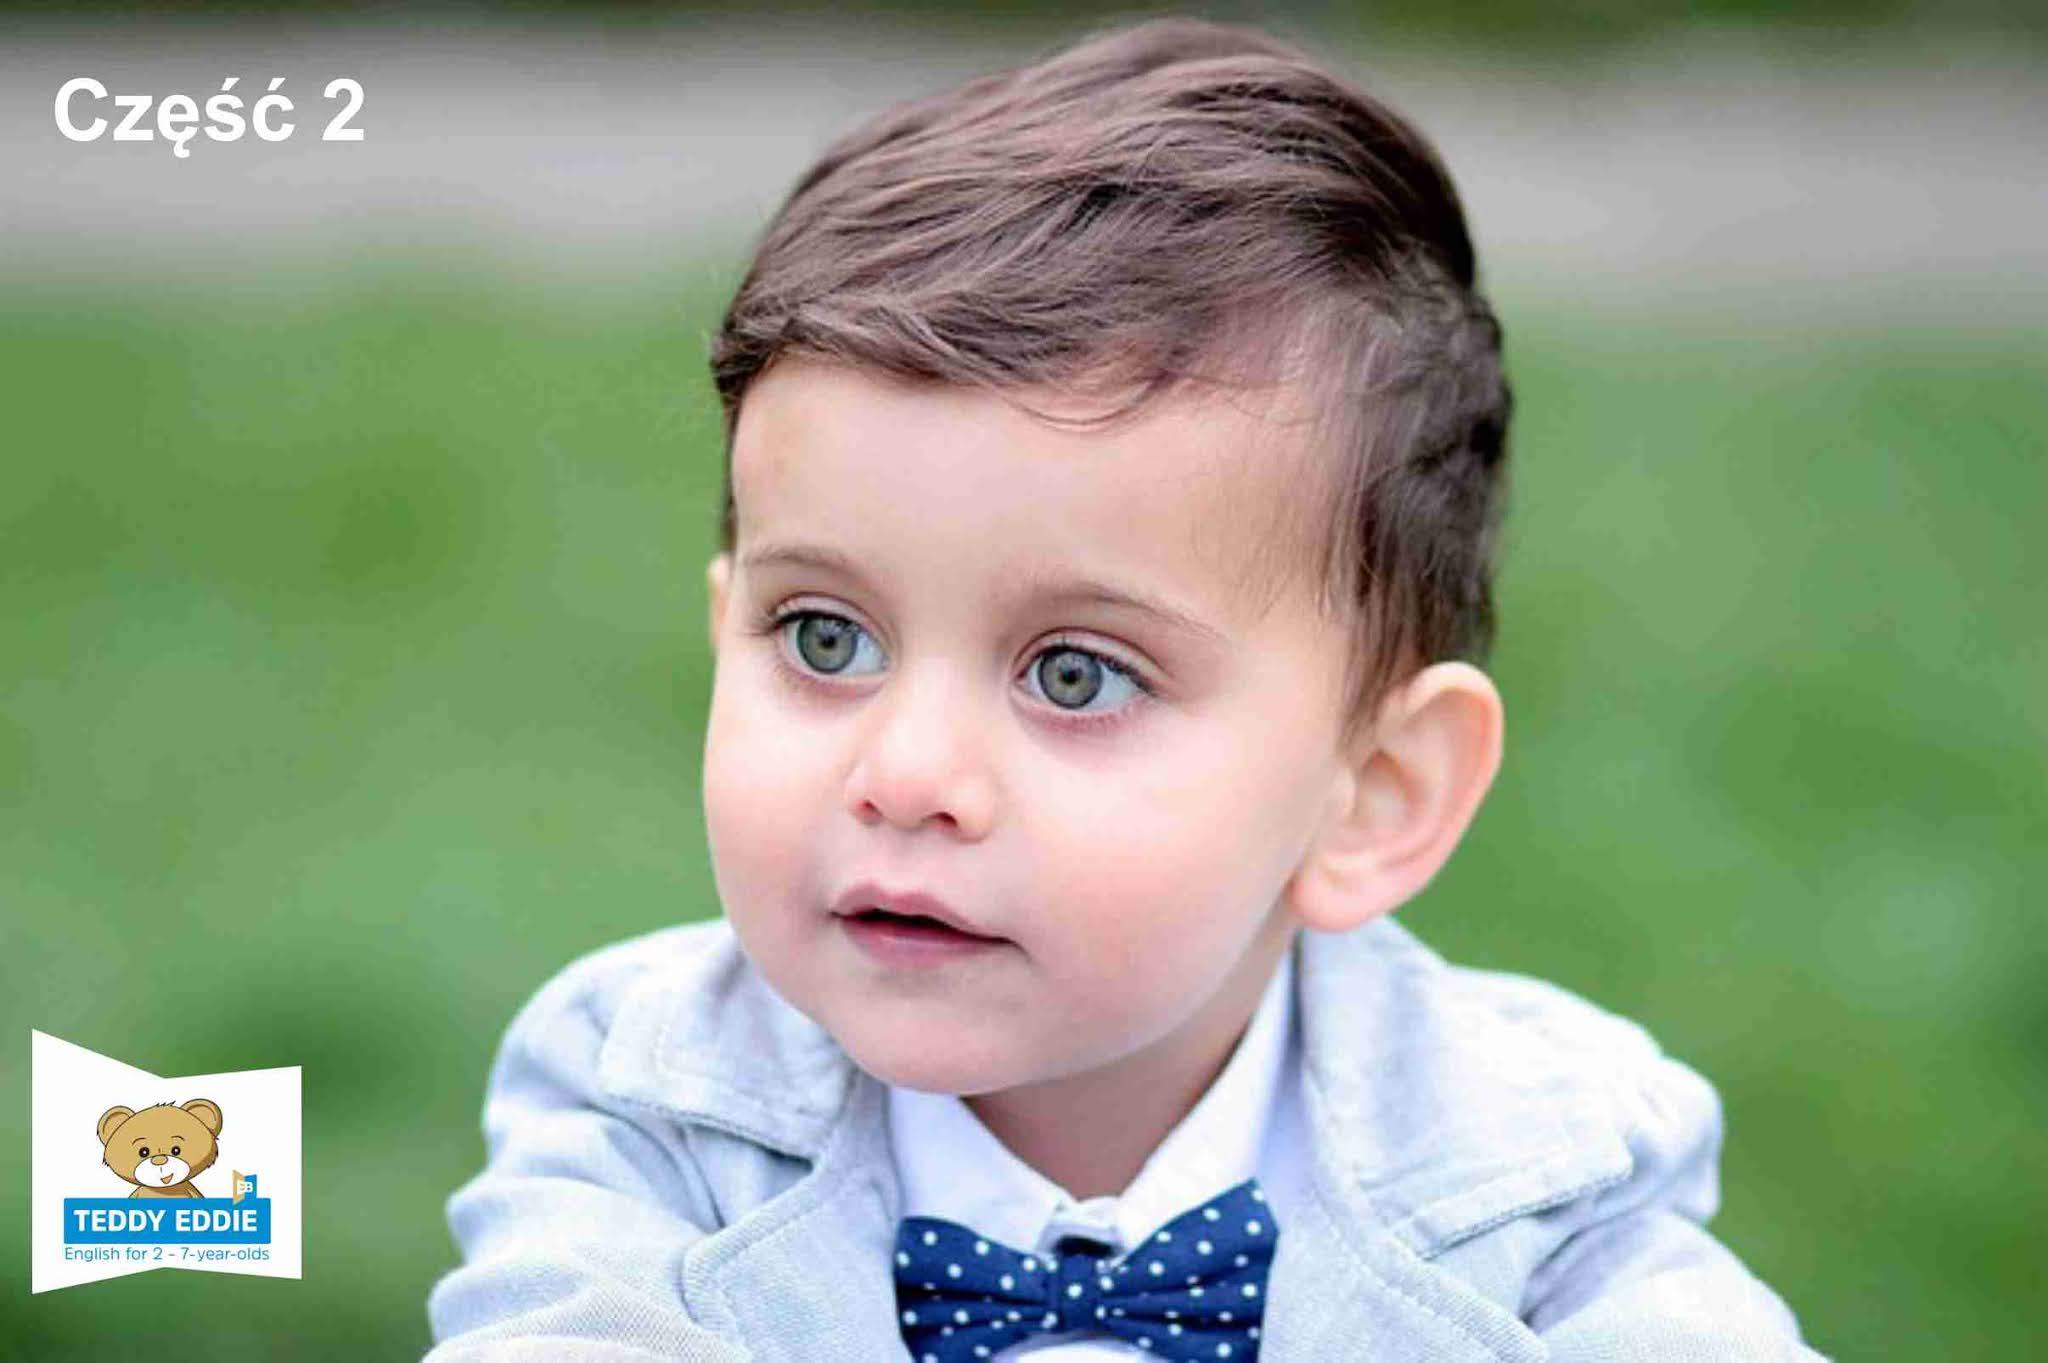 احلى الصور للاطفال الصغار 2021